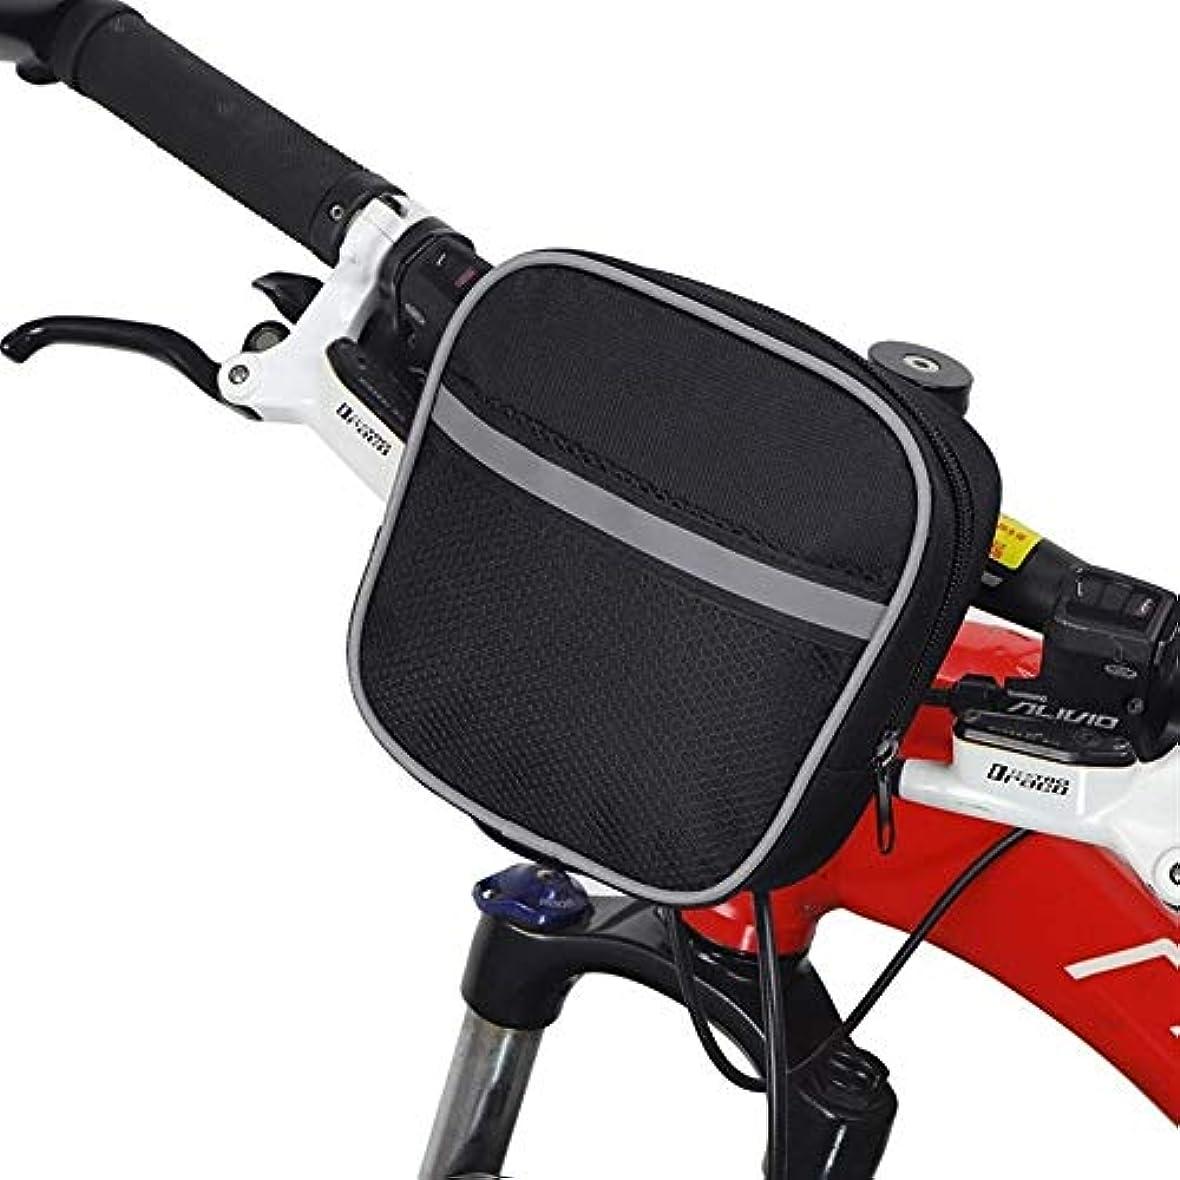 四回法医学体細胞3°Amy バイクバッグ 自転車バッグオンザハンドルバー、MTB自転車ハンドルの上、道路バイクバスケット、自転車サイクリング反射バッグBLKEアクセサリー